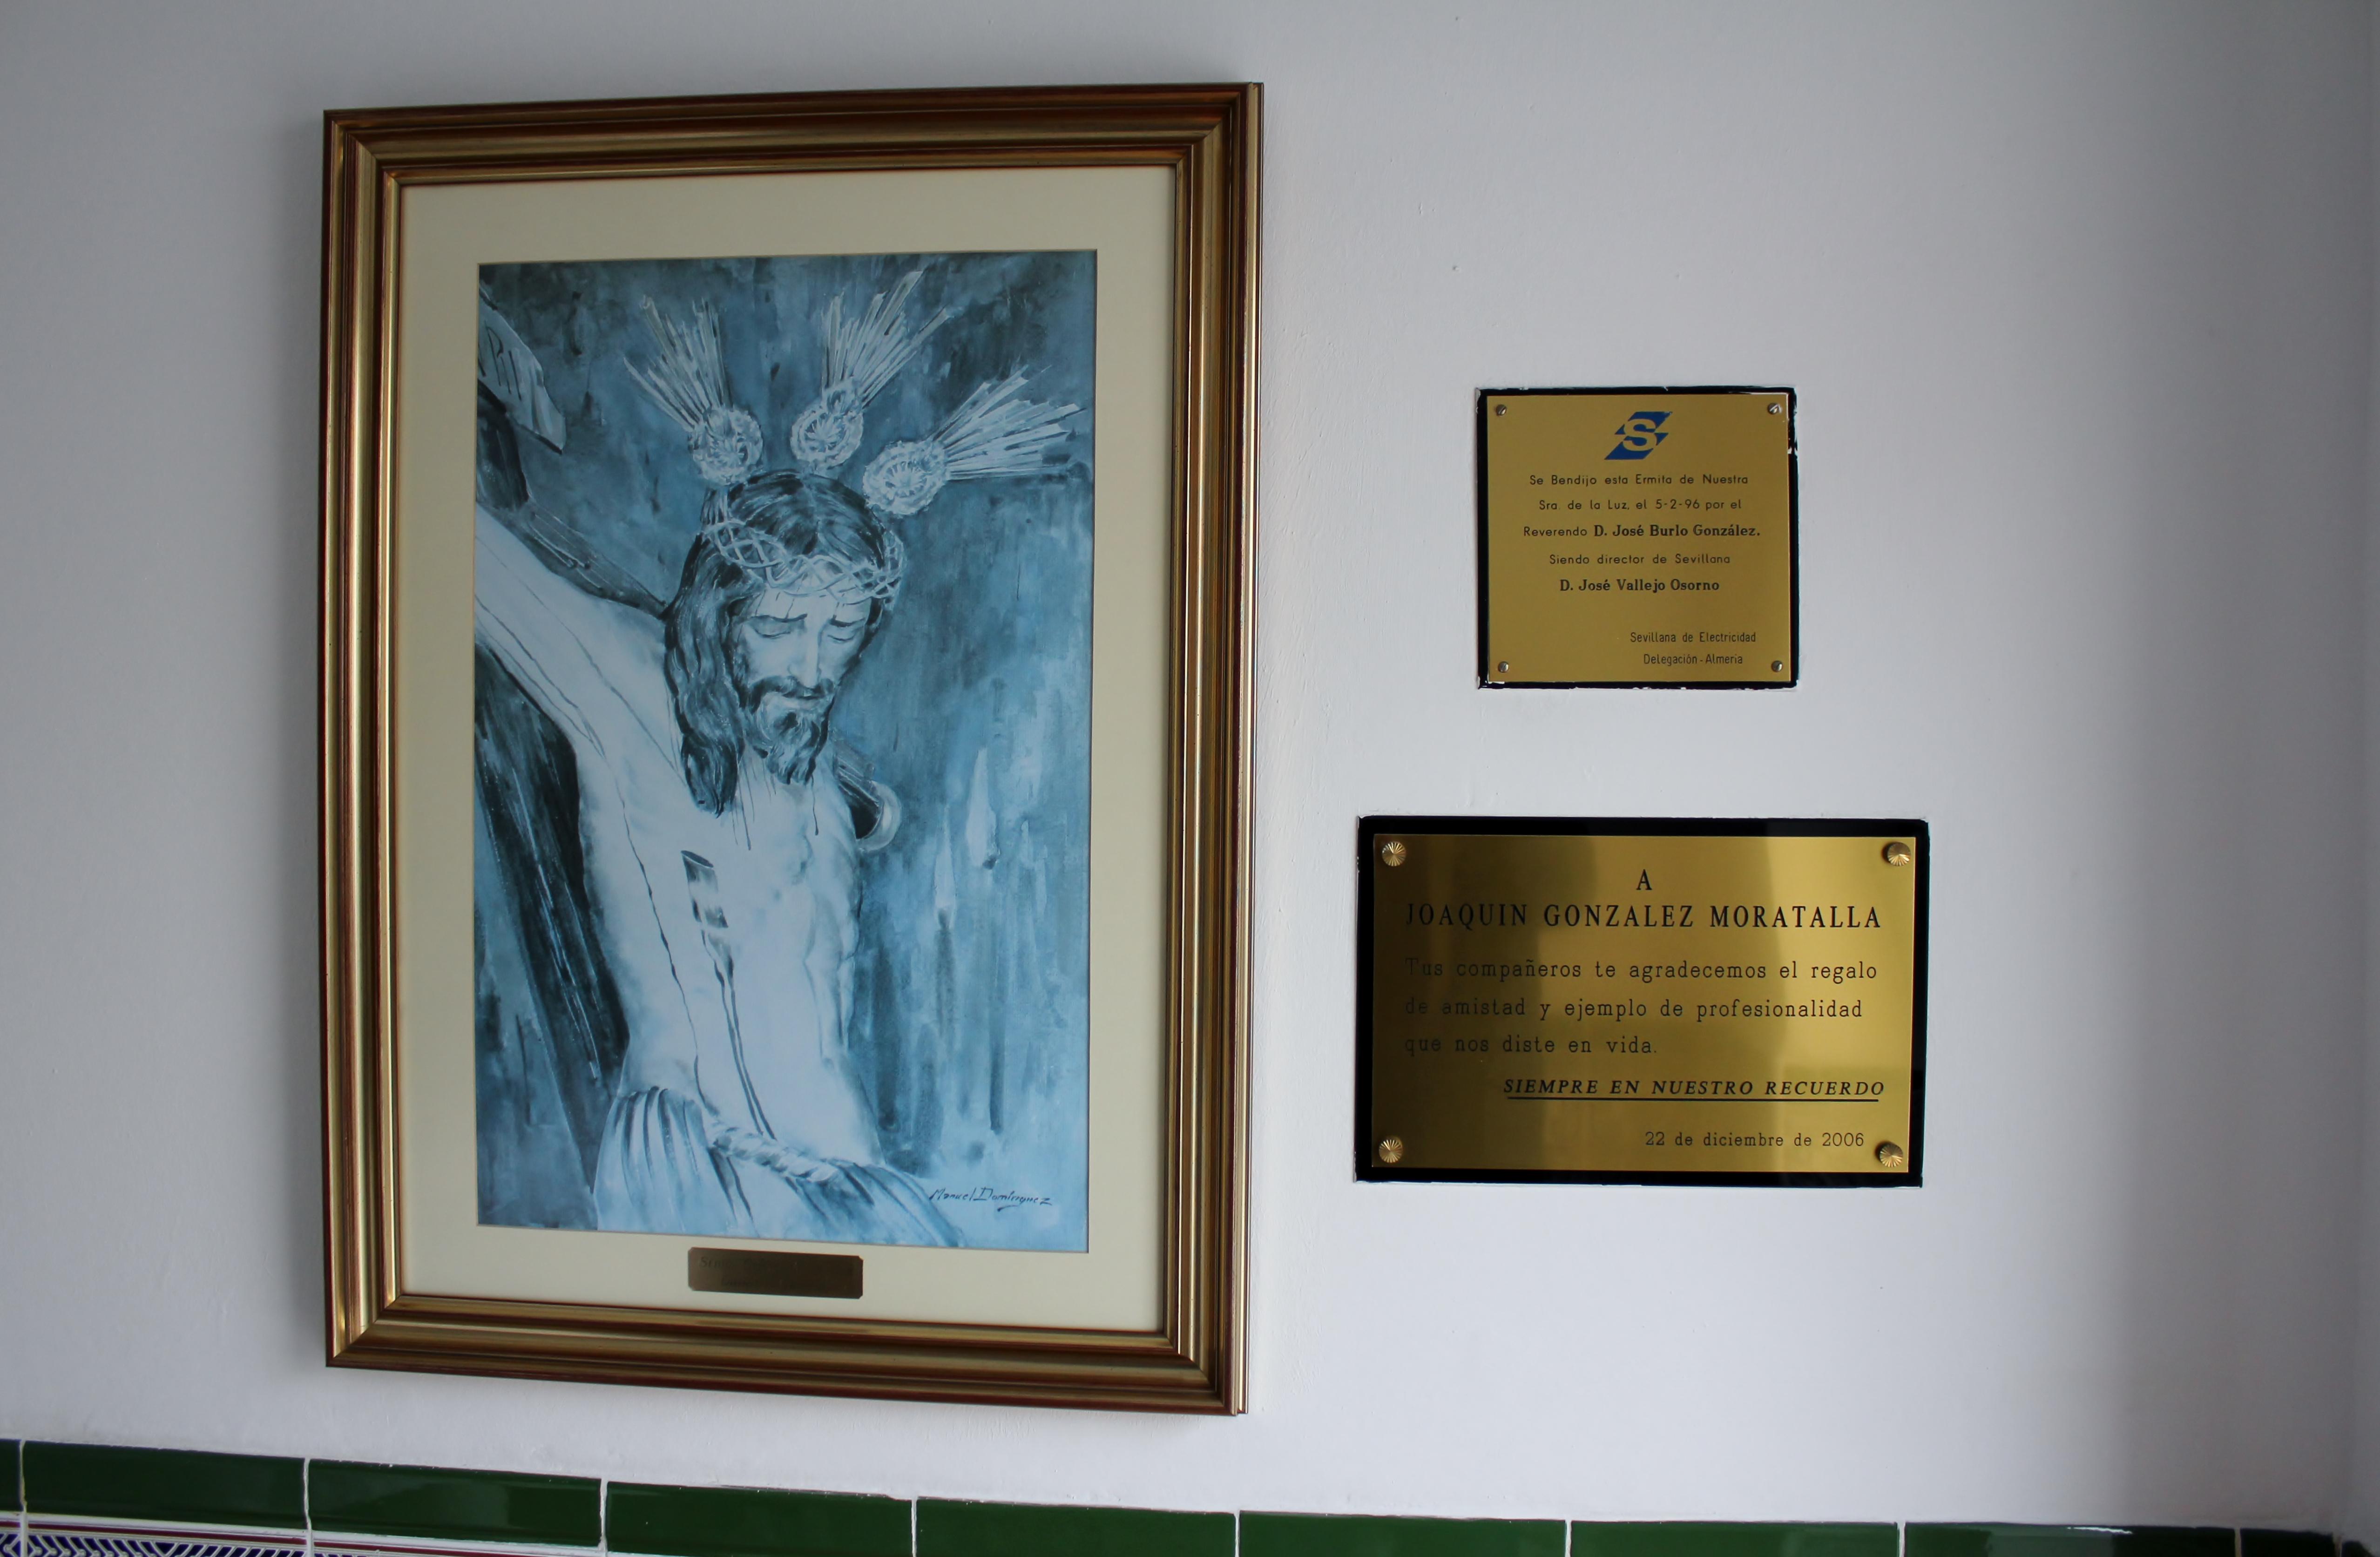 File pared derecha con placas y cuadro del sant simo cristo de la luz de dal as jpg wikimedia - Cuadro para pared ...